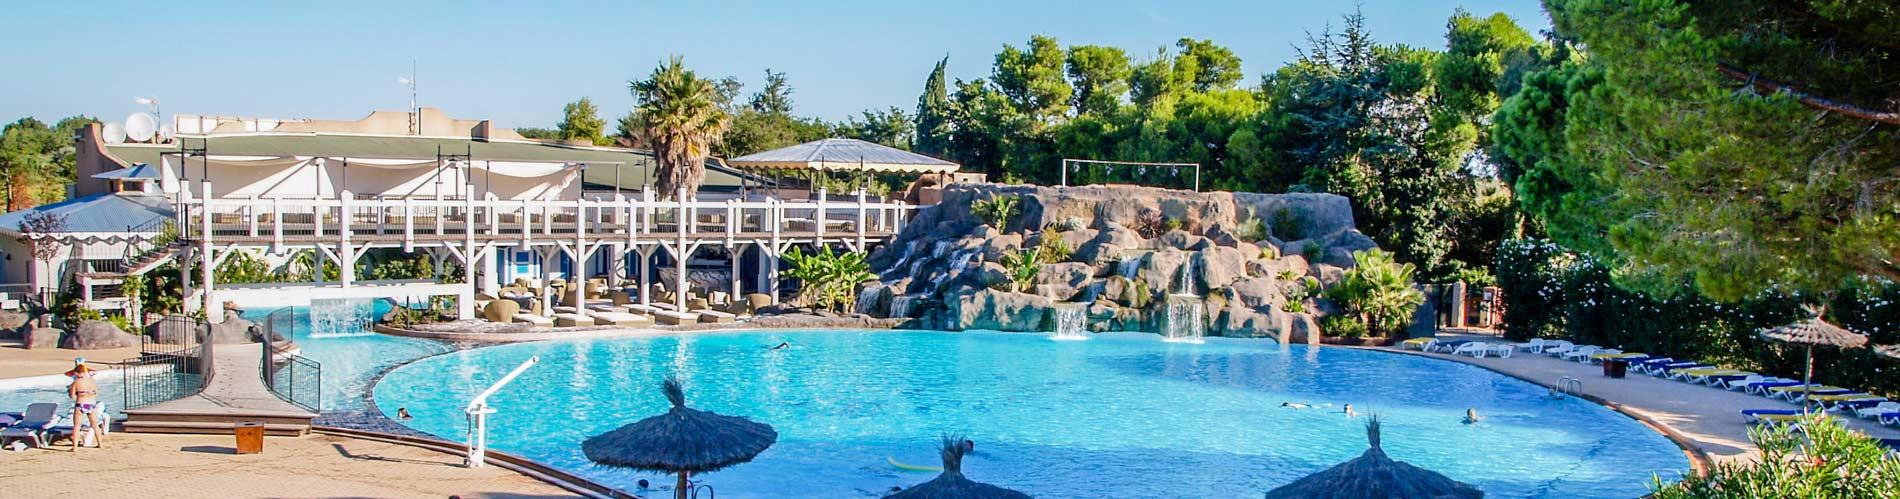 Campings argeles sur mer avec piscine parc aquatique for Camping st palais sur mer avec piscine couverte